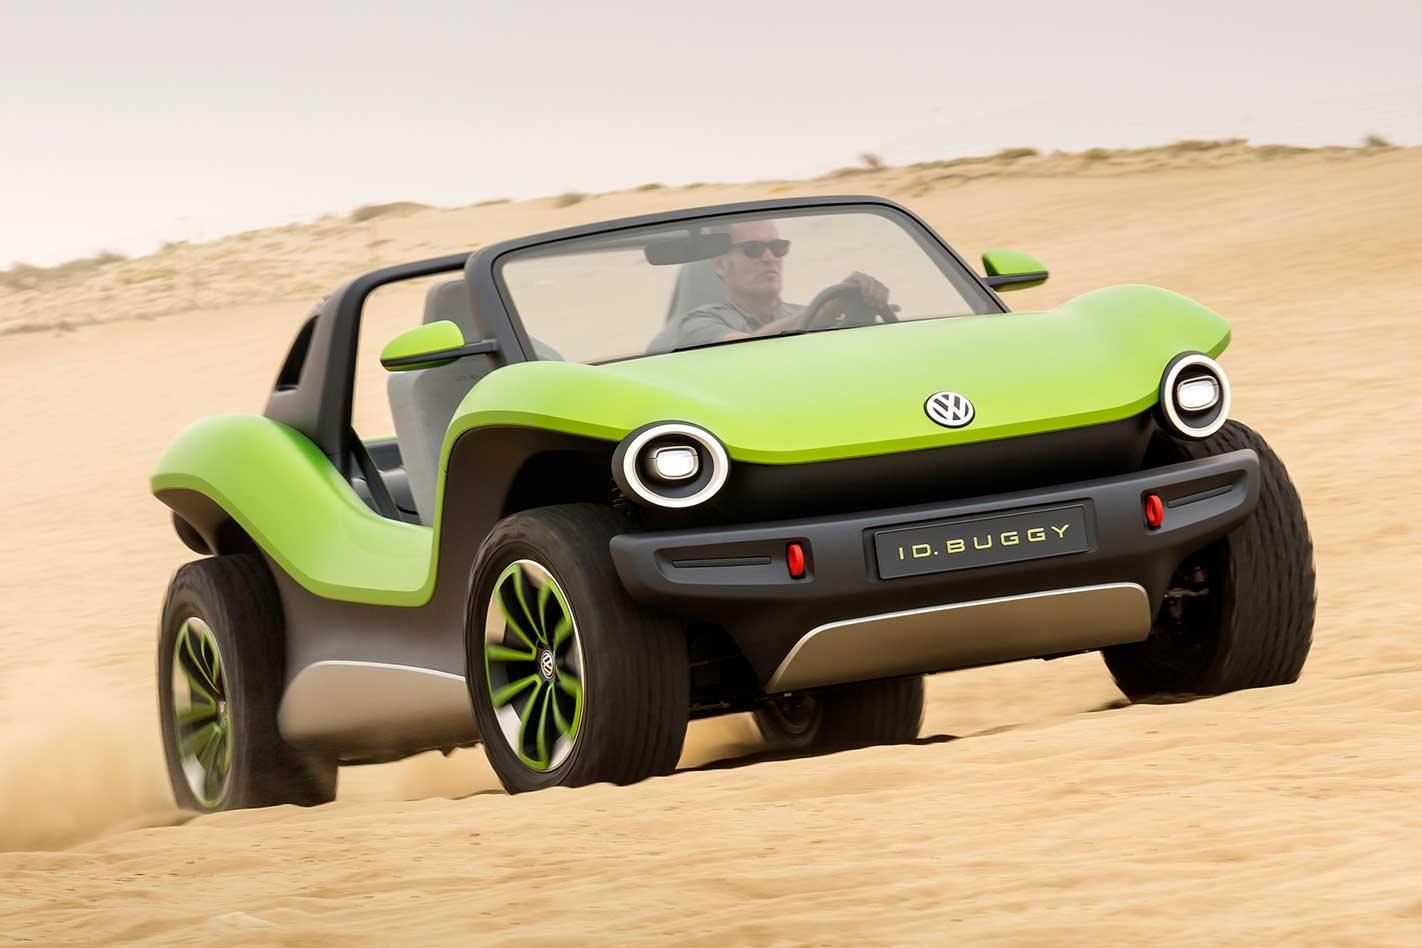 Volkswagen ID.BUGGY concept in California